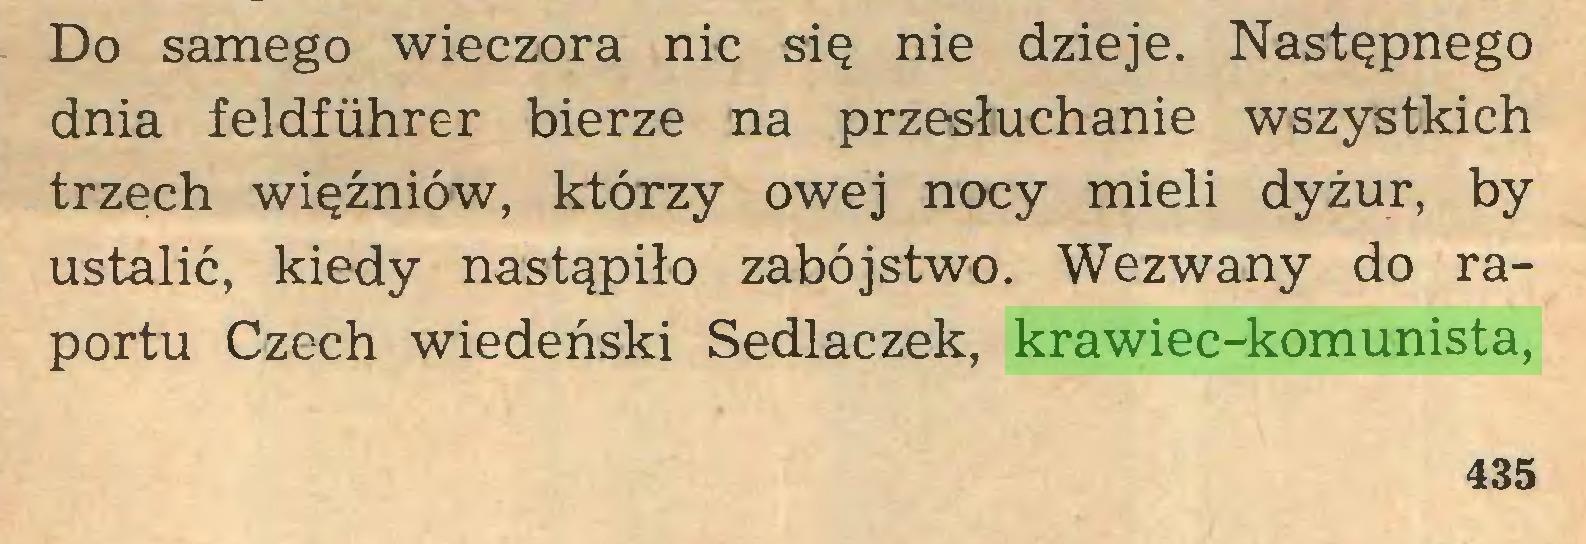 (...) Do samego wieczora nic się nie dzieje. Następnego dnia feldfiihrer bierze na przesłuchanie wszystkich trzech więźniów, którzy owej nocy mieli dyżur, by ustalić, kiedy nastąpiło zabójstwo. Wezwany do raportu Czech wiedeński Sedlaczek, krawiec-komunista, 435...